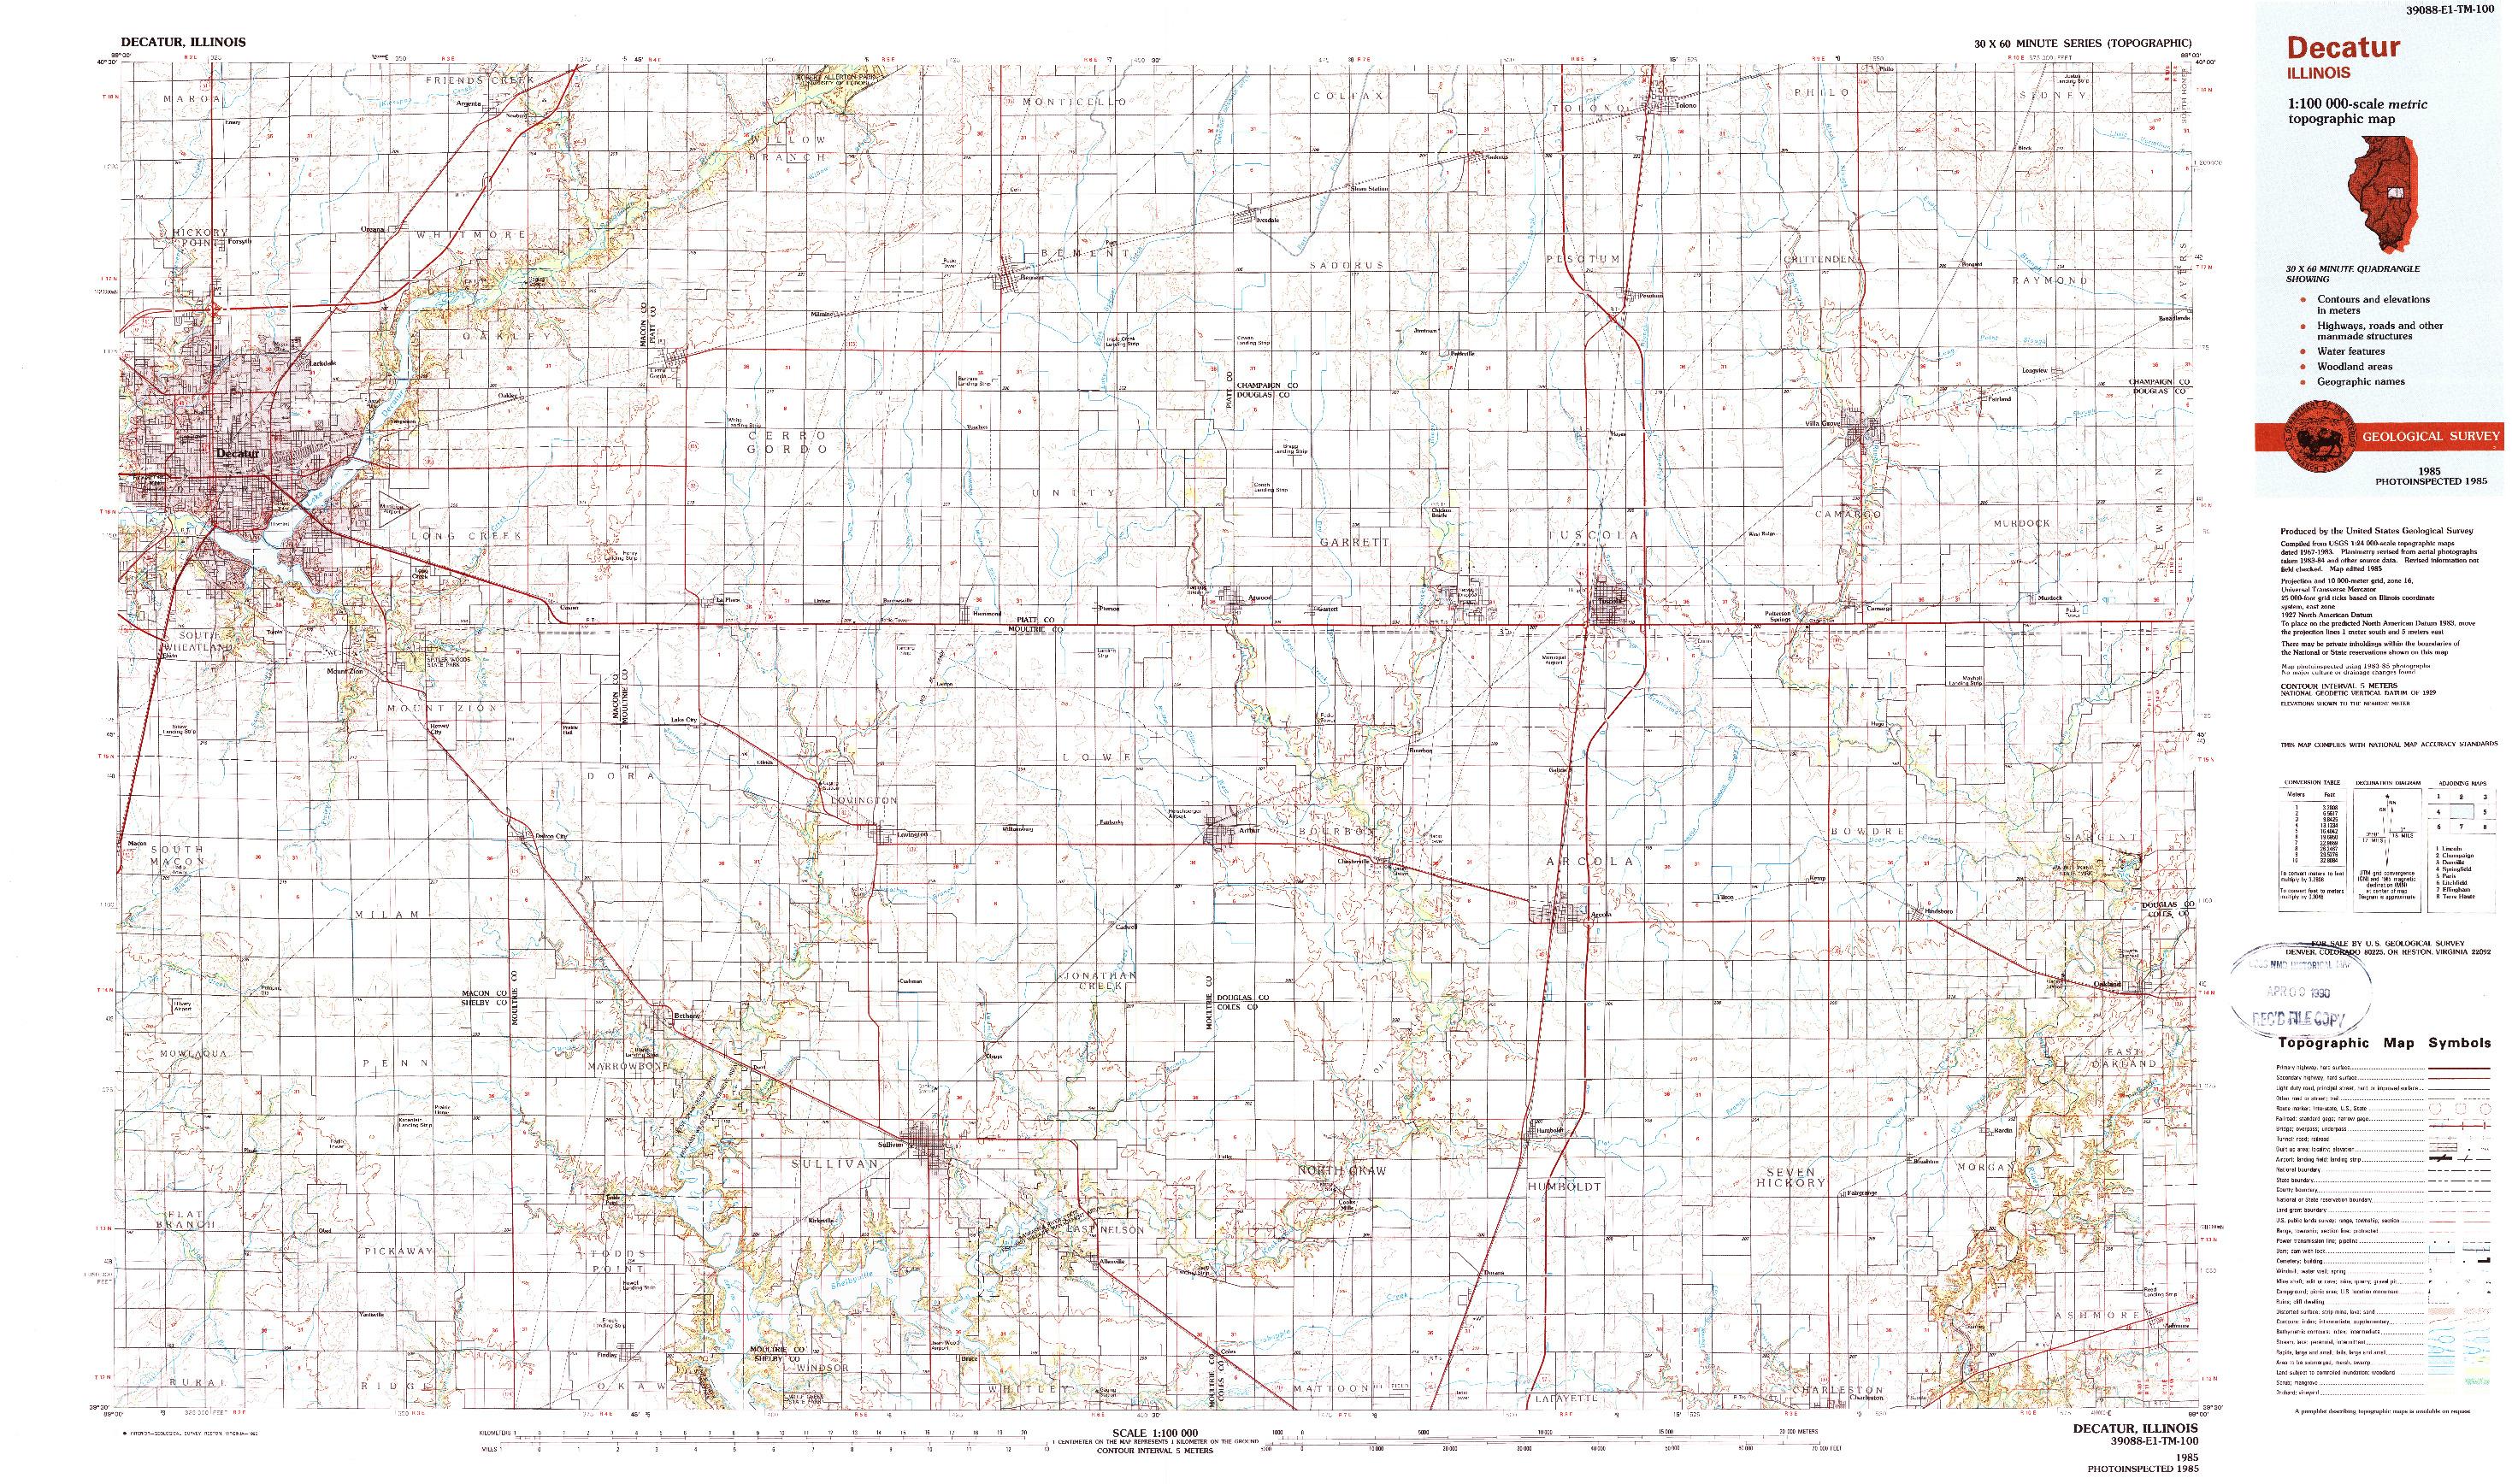 USGS 1:100000-SCALE QUADRANGLE FOR DECATUR, IL 1985